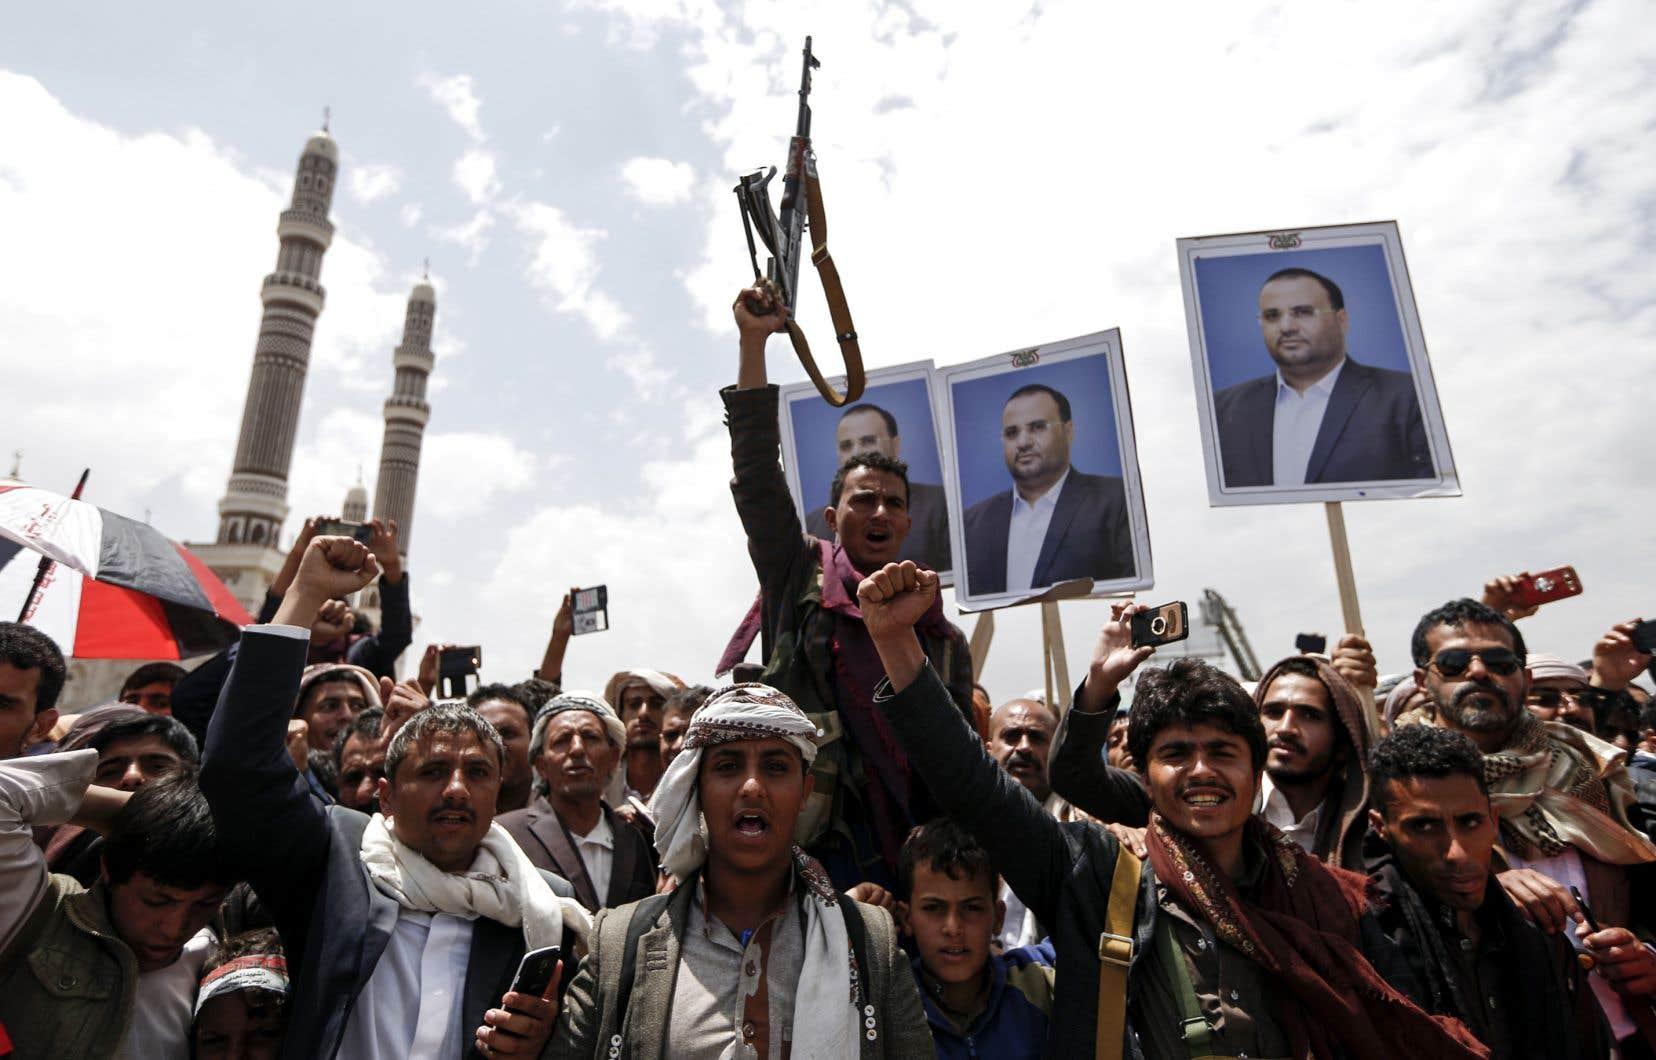 Des manifestants brandissent le portrait du chef Houthi Saleh al-Samad,tuépar des frappes aériennes saoudiennes.